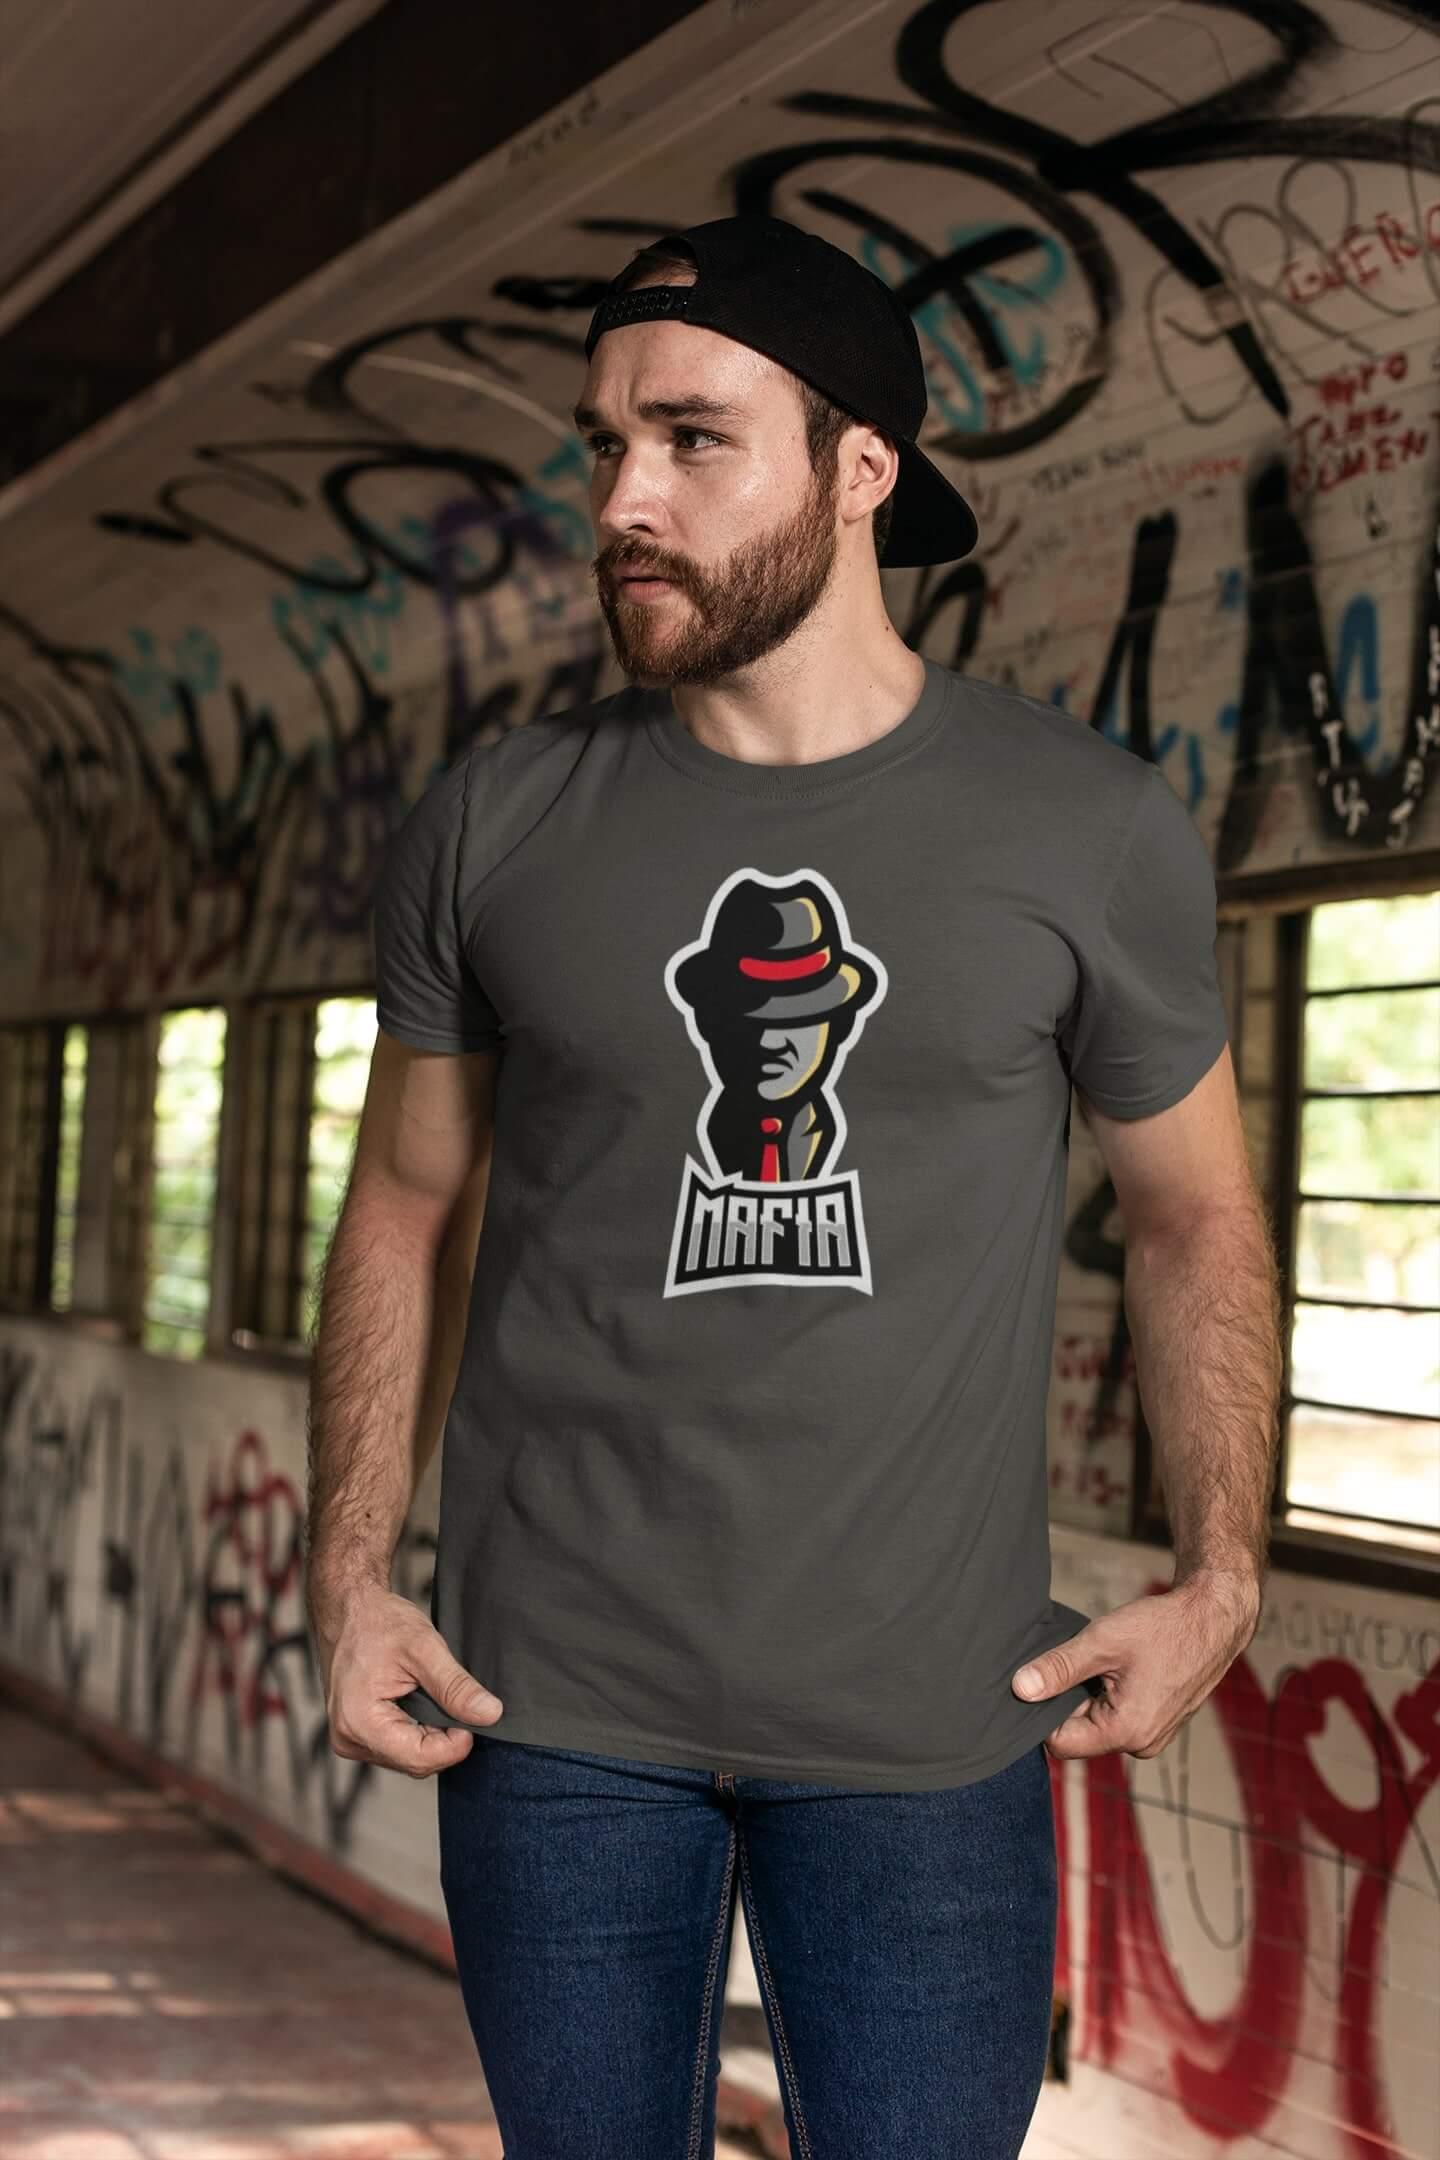 MMO Pánske tričko Mafia Vyberte farbu: Tmavá bridlica, Vyberte veľkosť: XL